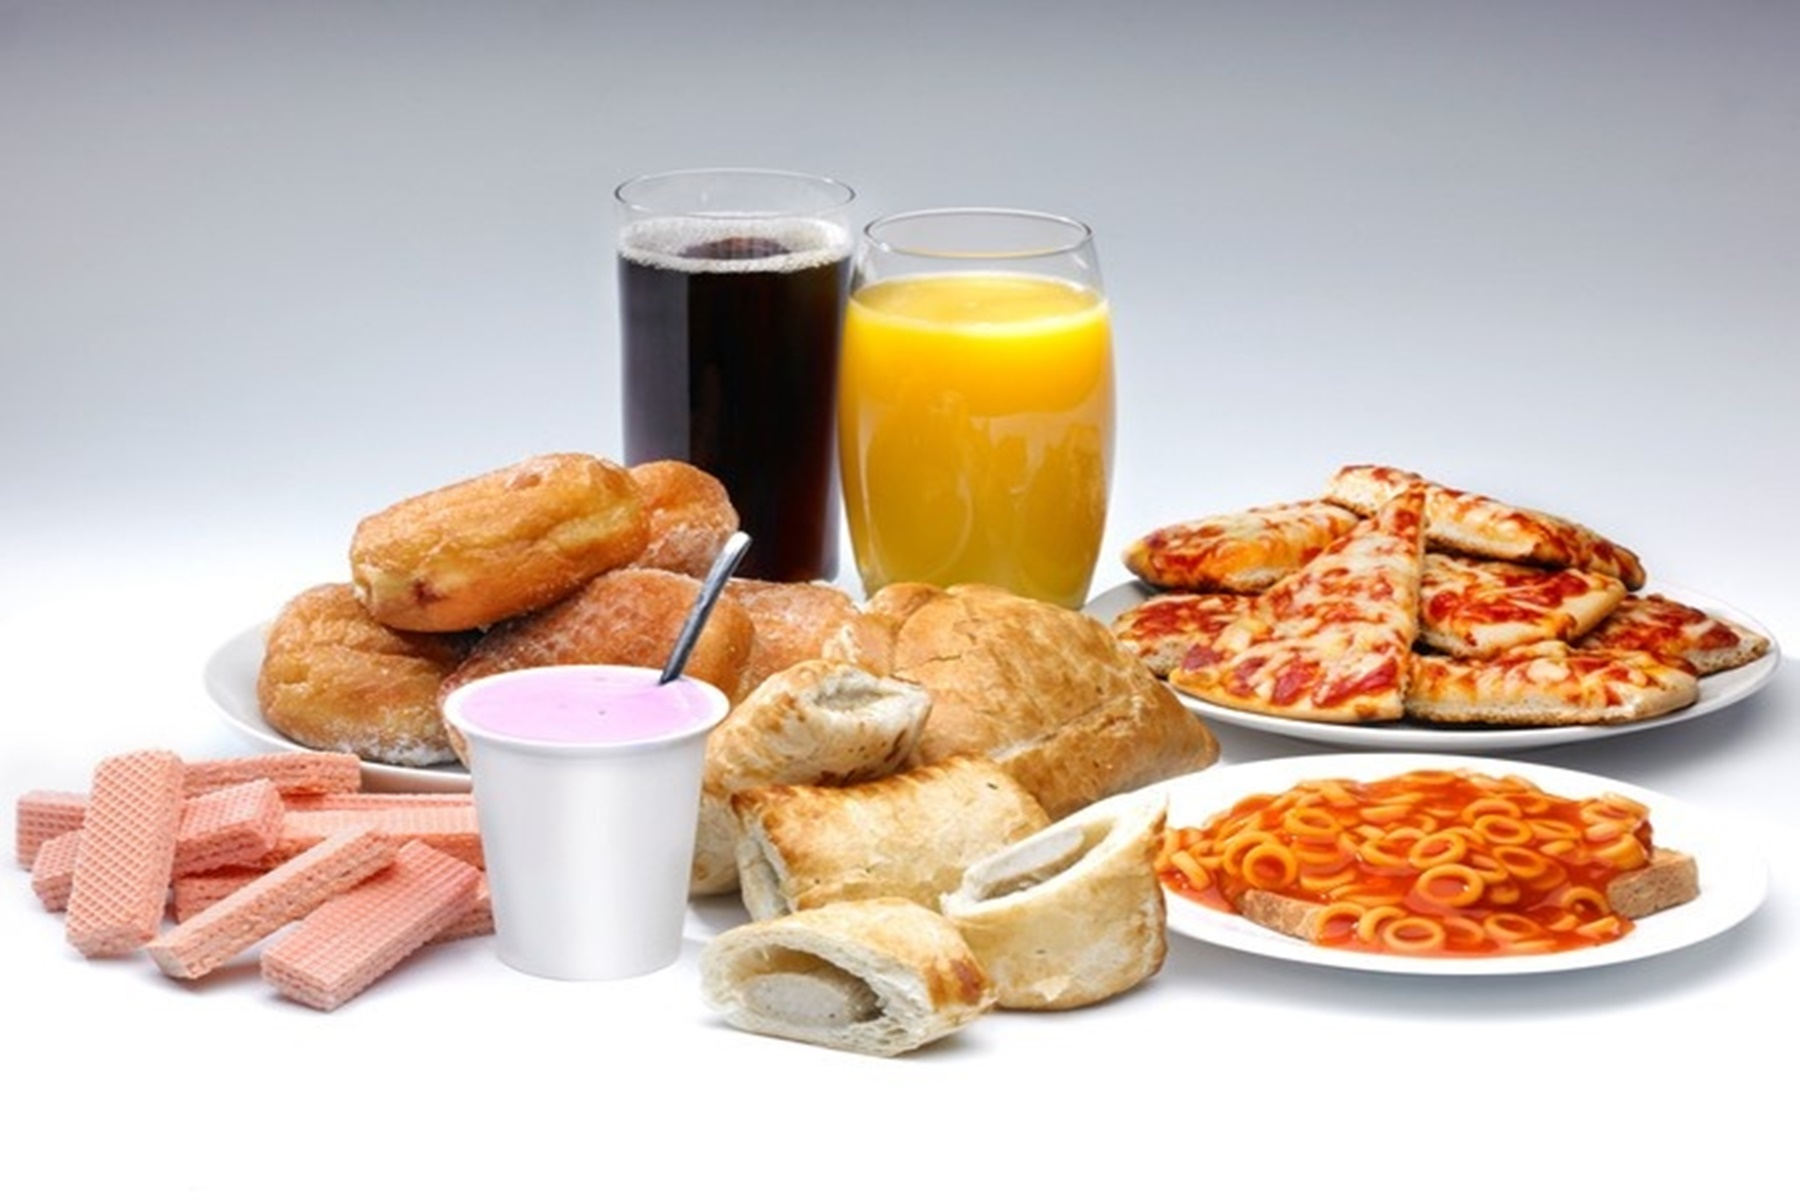 Διατροφή : Μάθετε την διαφορά επεξεργασμένων από μη επεξεργασμένων τροφίμων